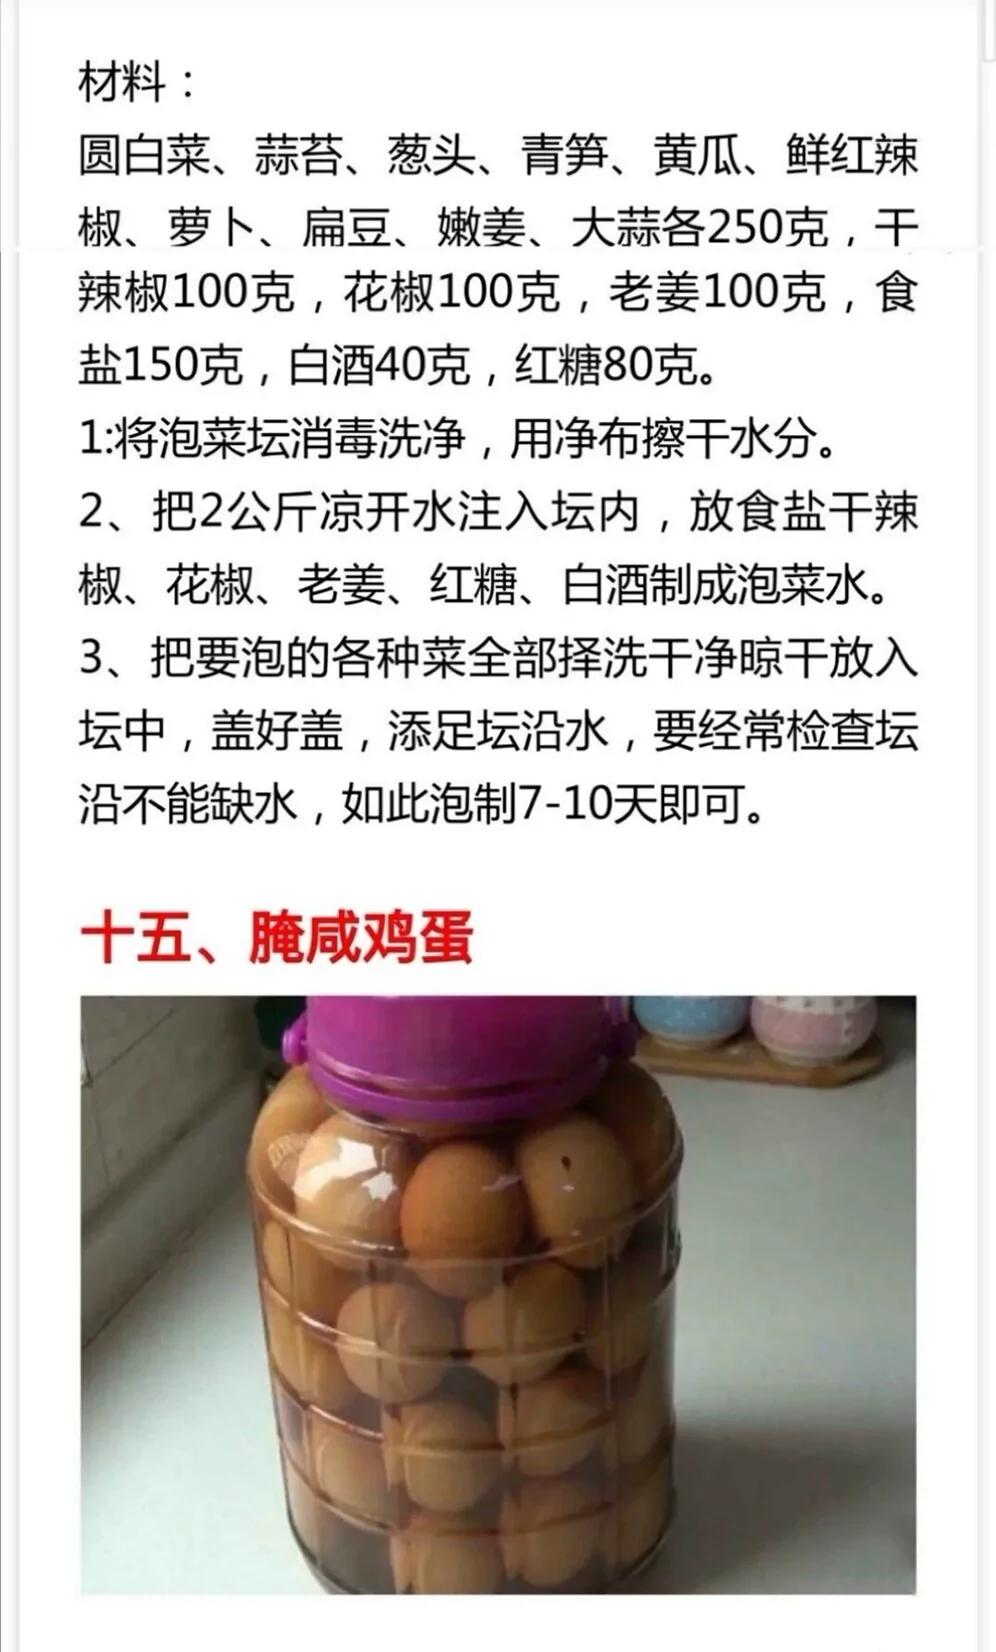 咸菜做法及配料 美食做法 第22张